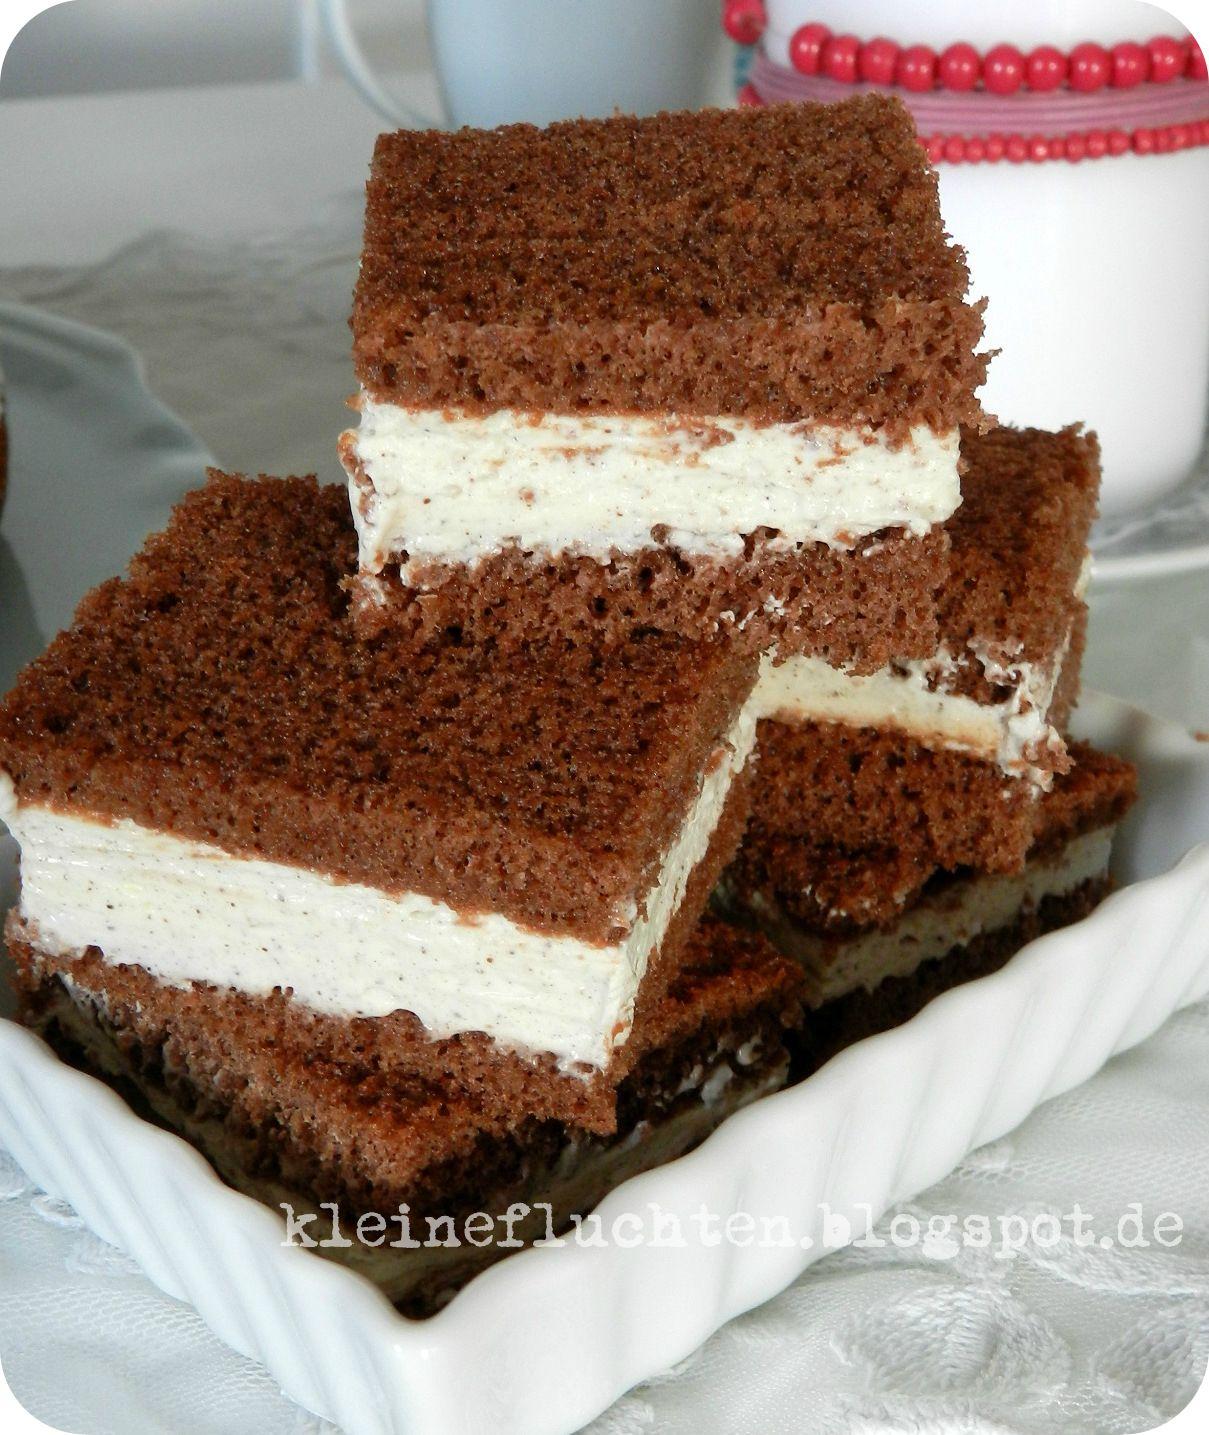 Kinders kram selbst gemacht kleine fluchten cakes backen kuchen und kinder kuchen - Kochen fur kinder thermomix ...